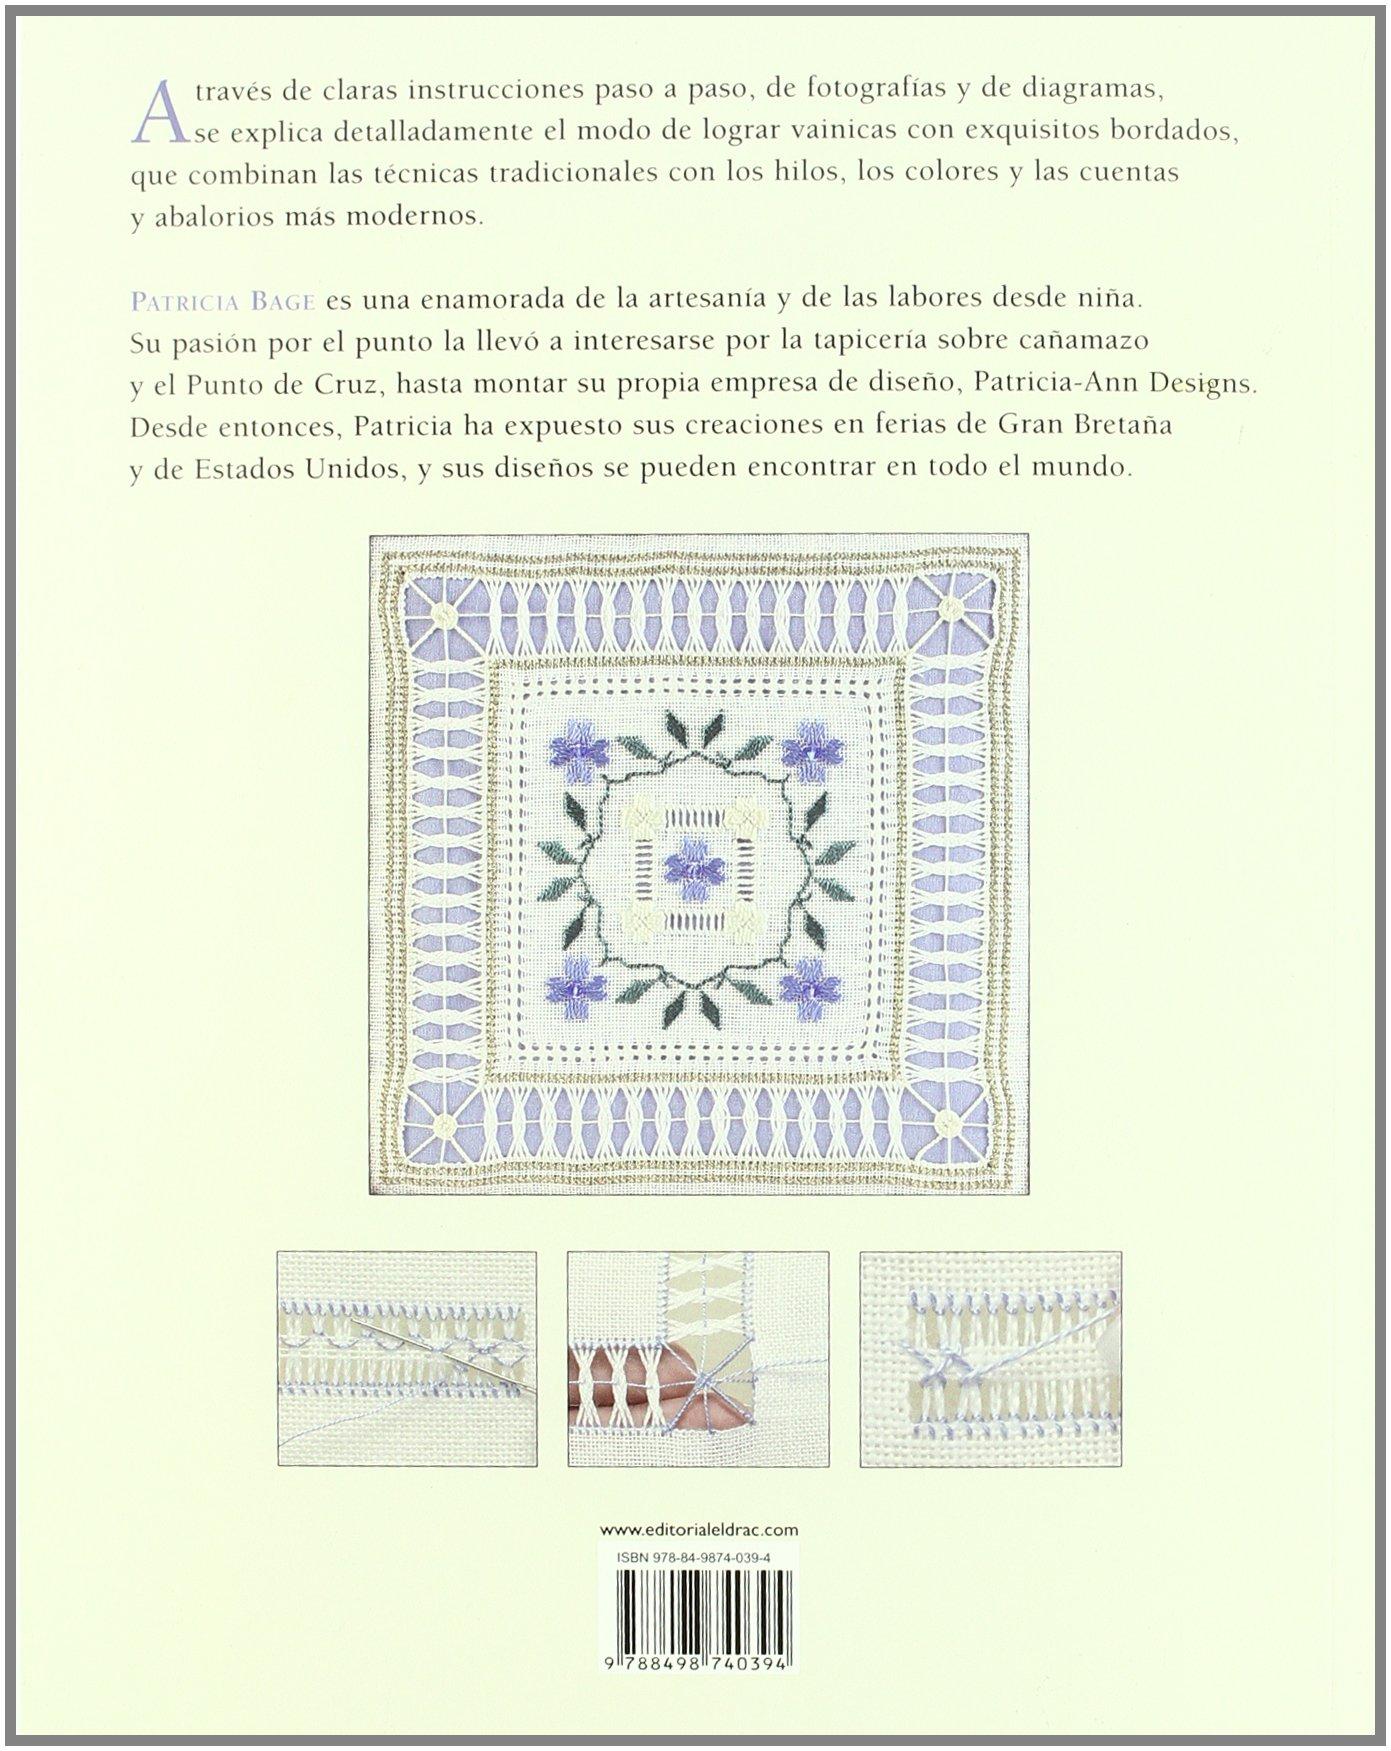 Vainicas : bordados con hilos de colores y cuentas: Patricia Bage: 9788498740394: Amazon.com: Books